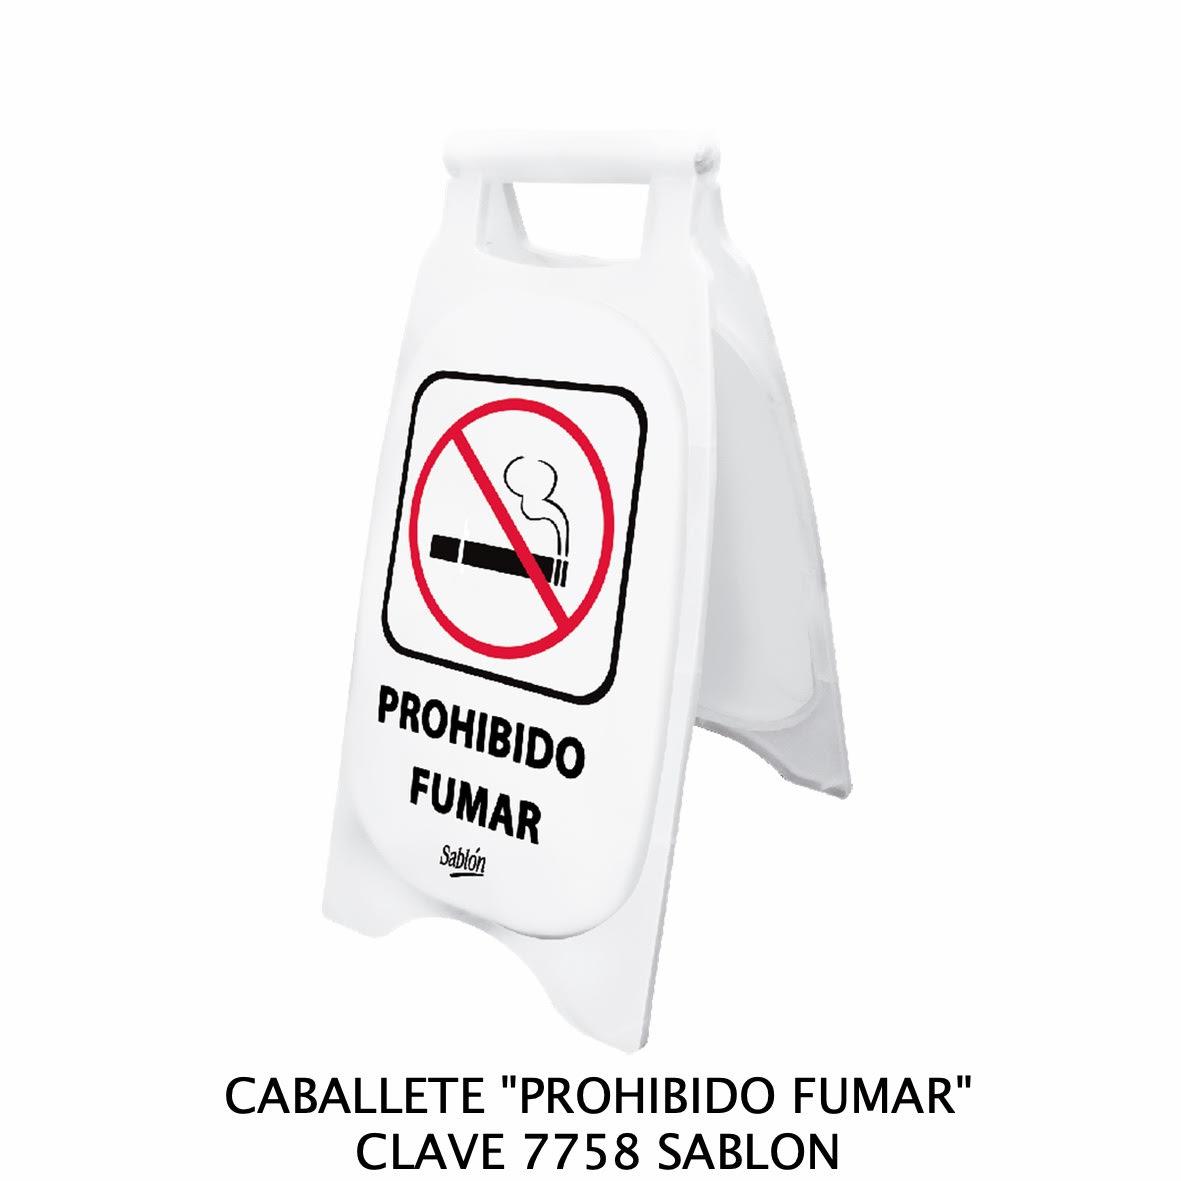 Caballete con señal PROHIBIDO FUMAR Clave 7758 de Sablón